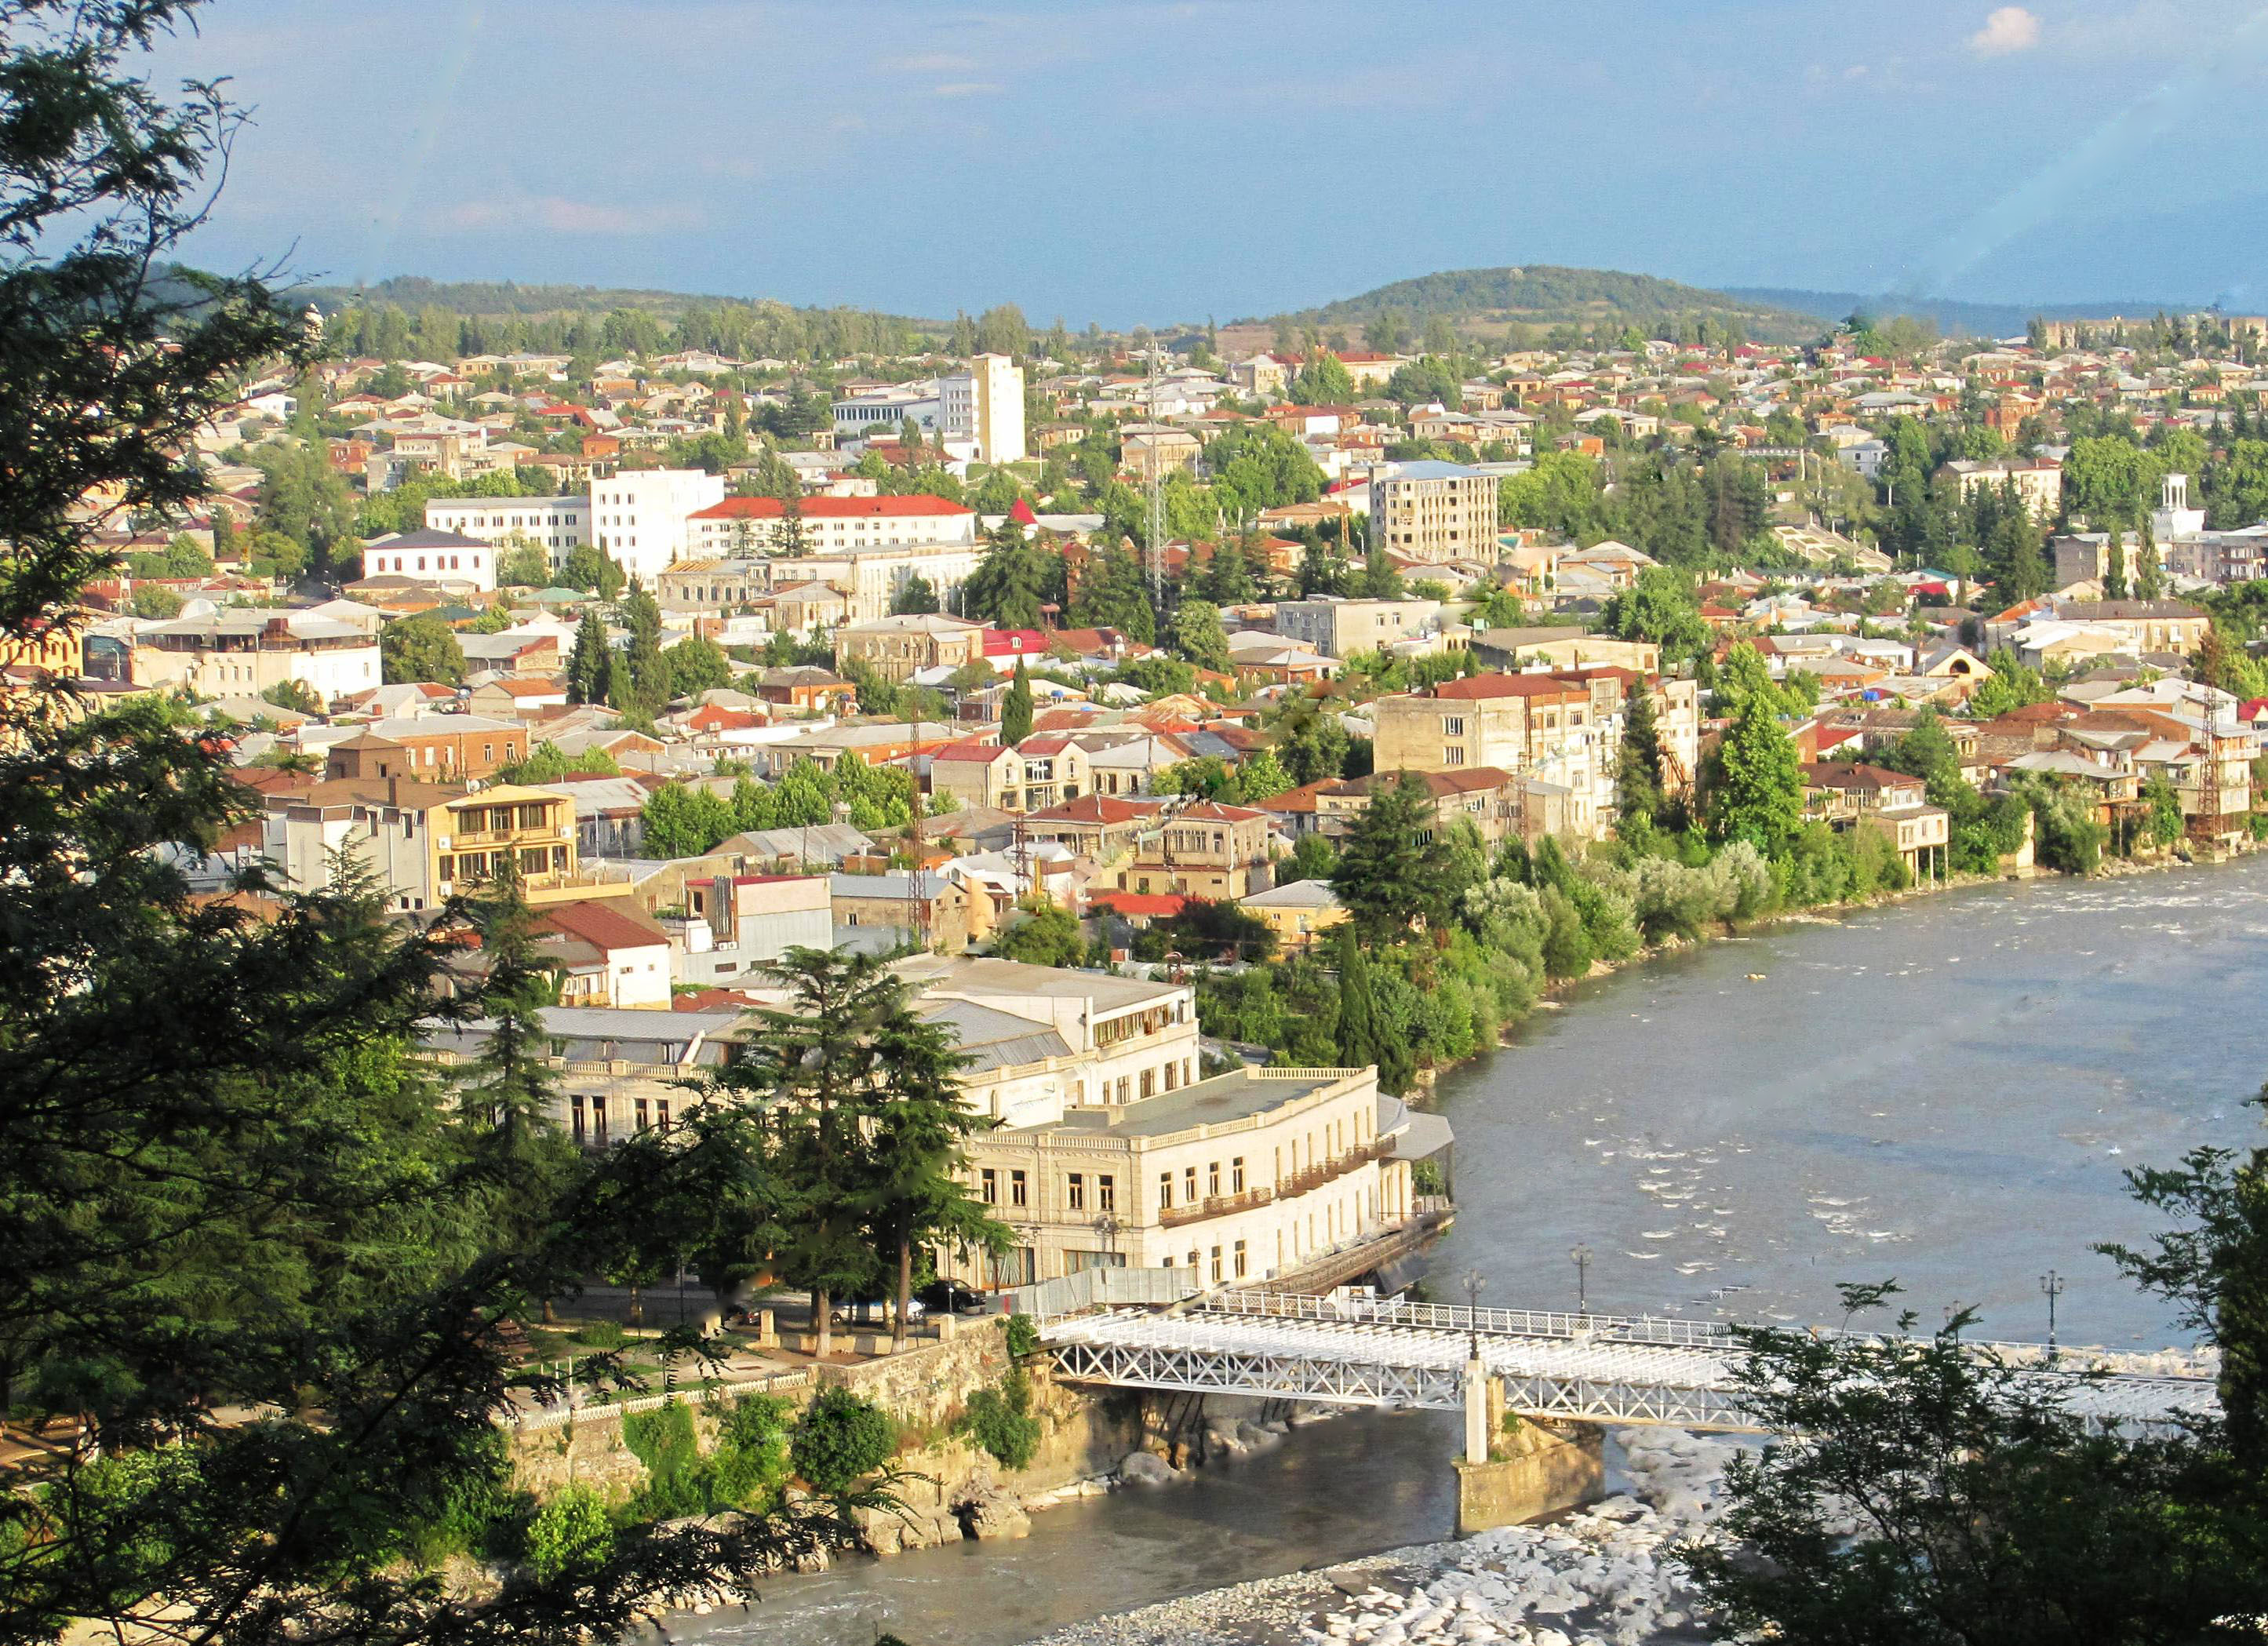 картинка фотография курорта Кутаиси в Грузии